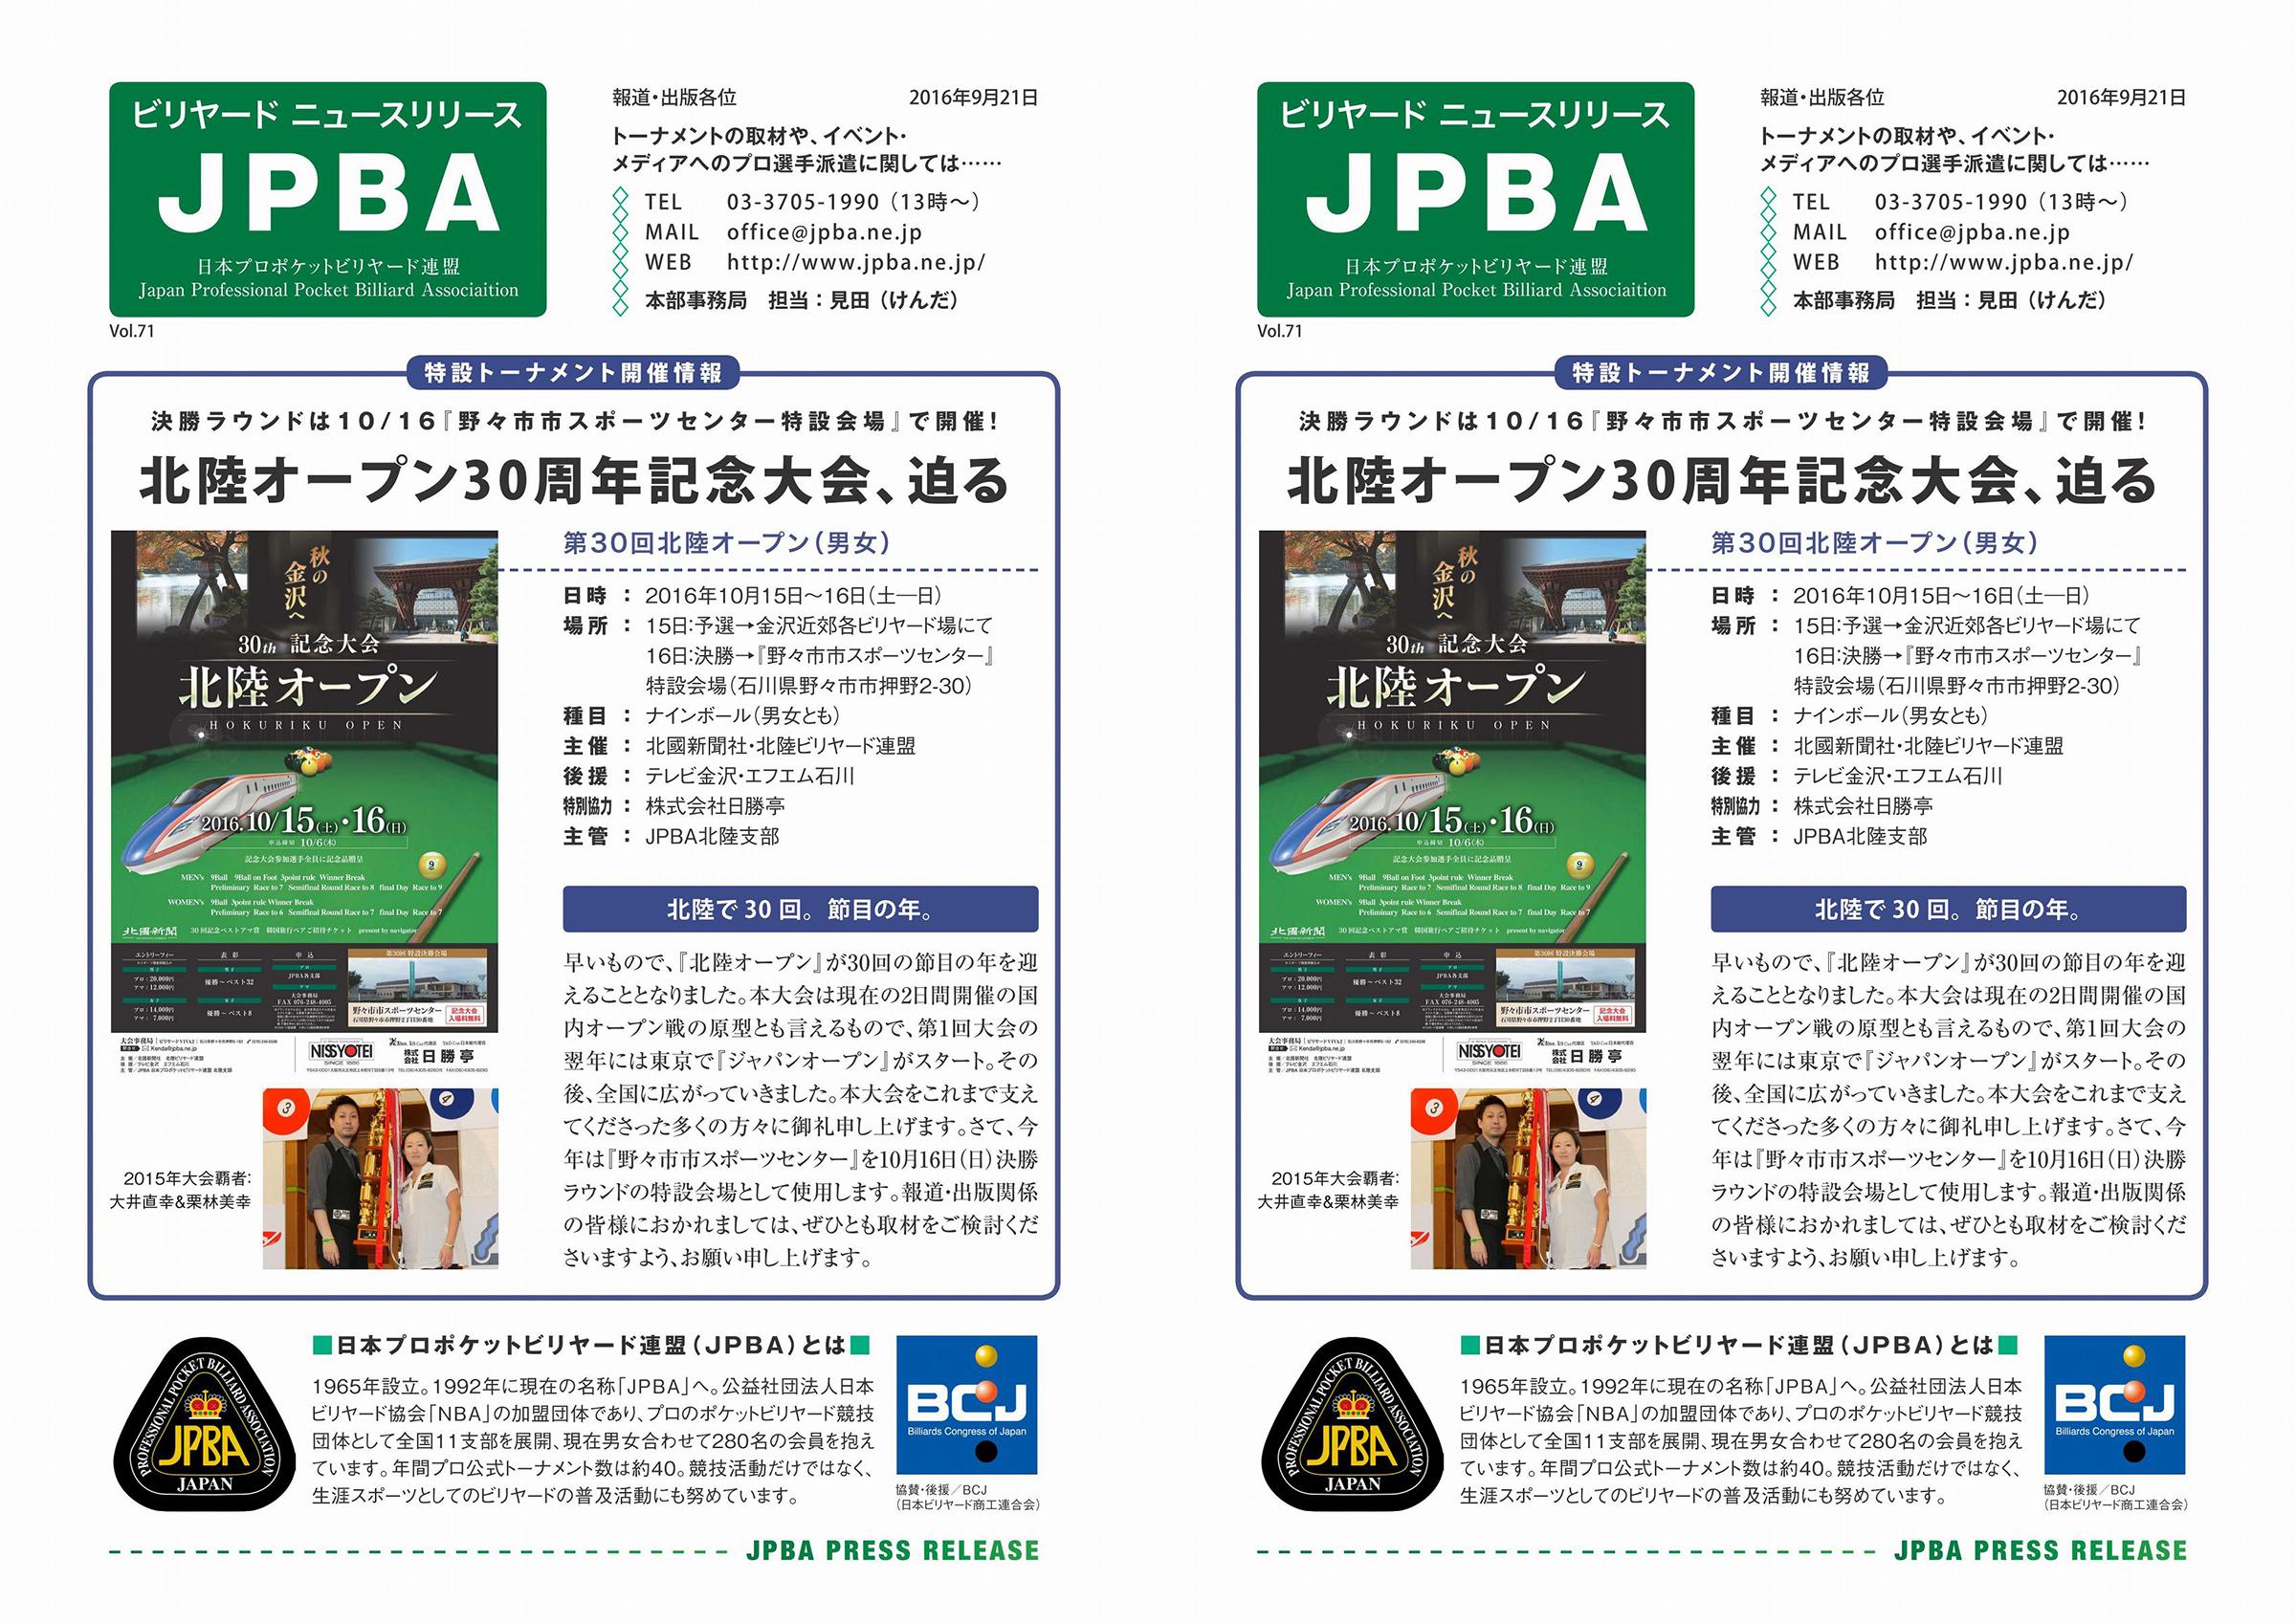 jpba-pr-71_01-yoko